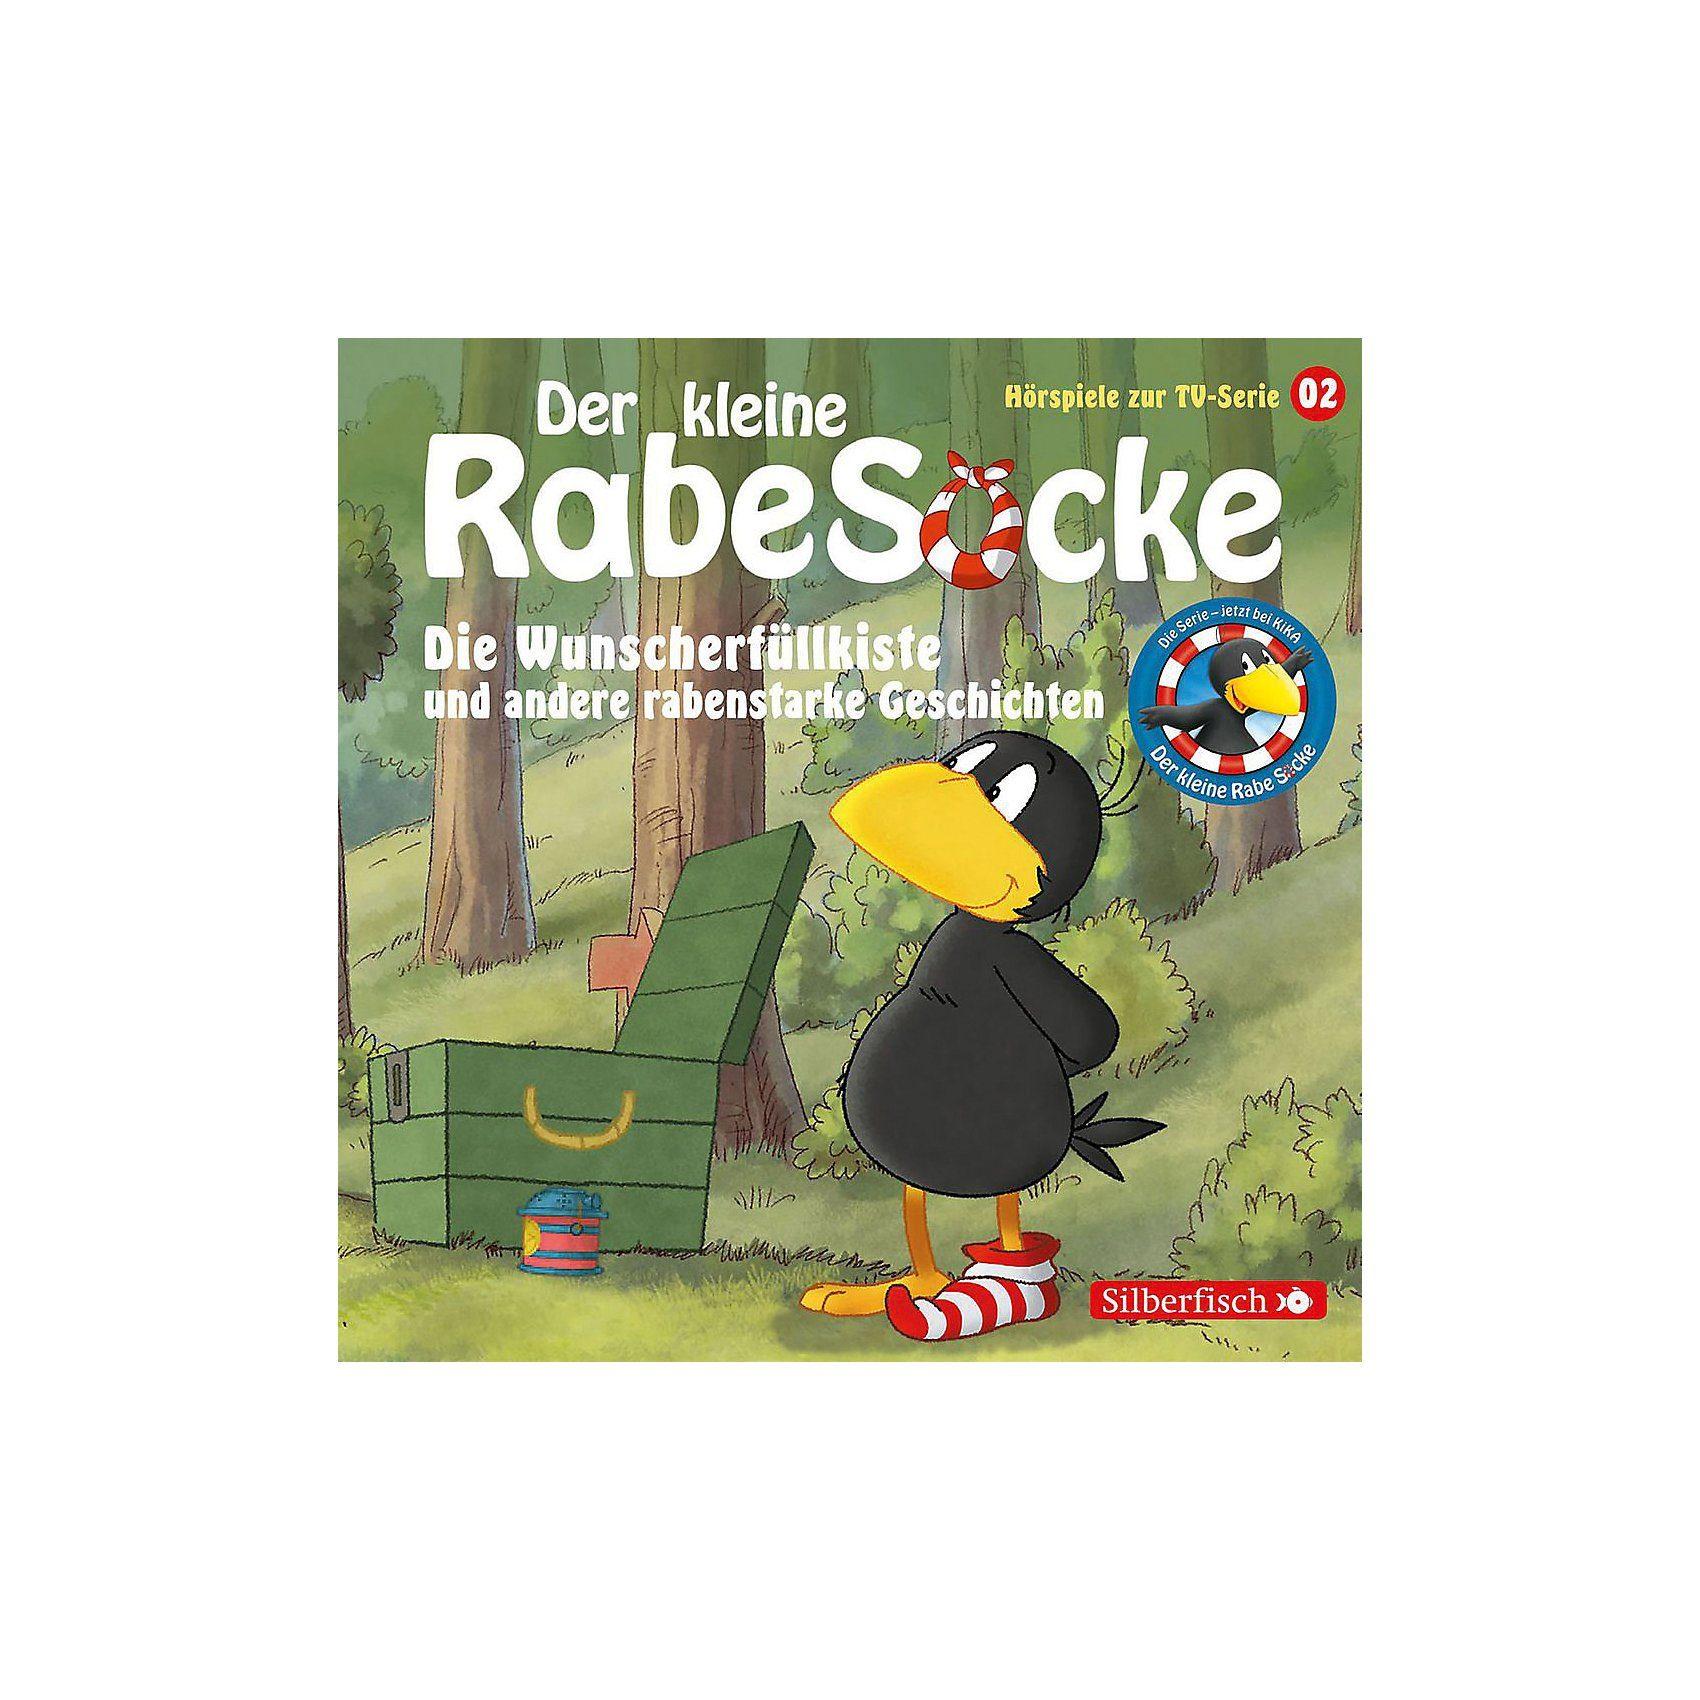 Universal CD Der kleine Rabe Socke 02: Die Wunscherfüllkiste (Hörspiel